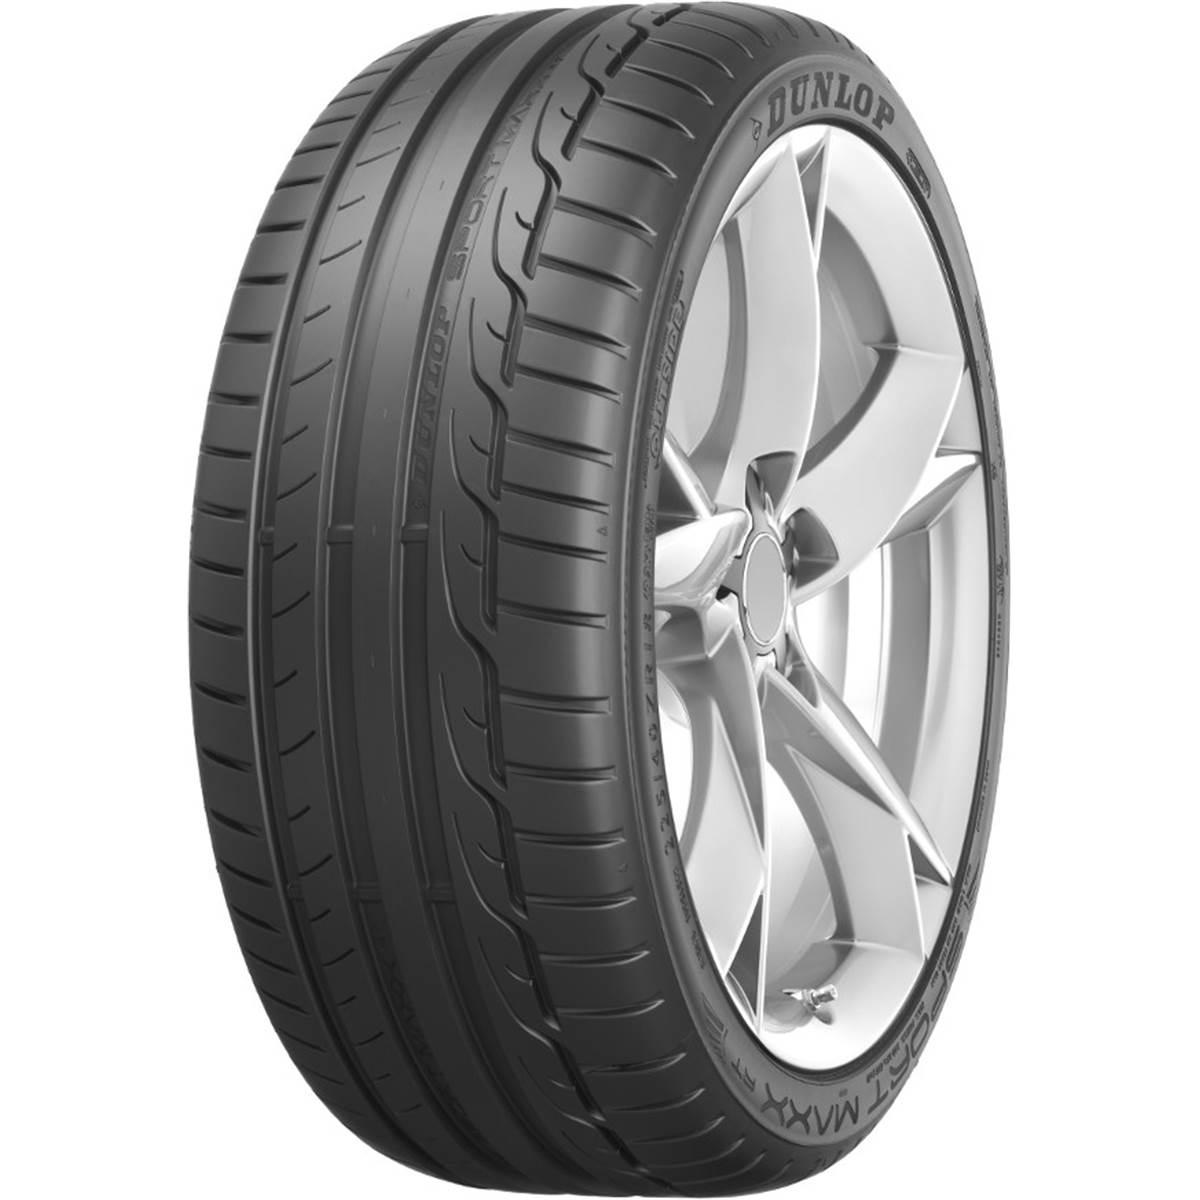 Pneu Dunlop 205/55R16 91W Sp Sport Maxx Rt